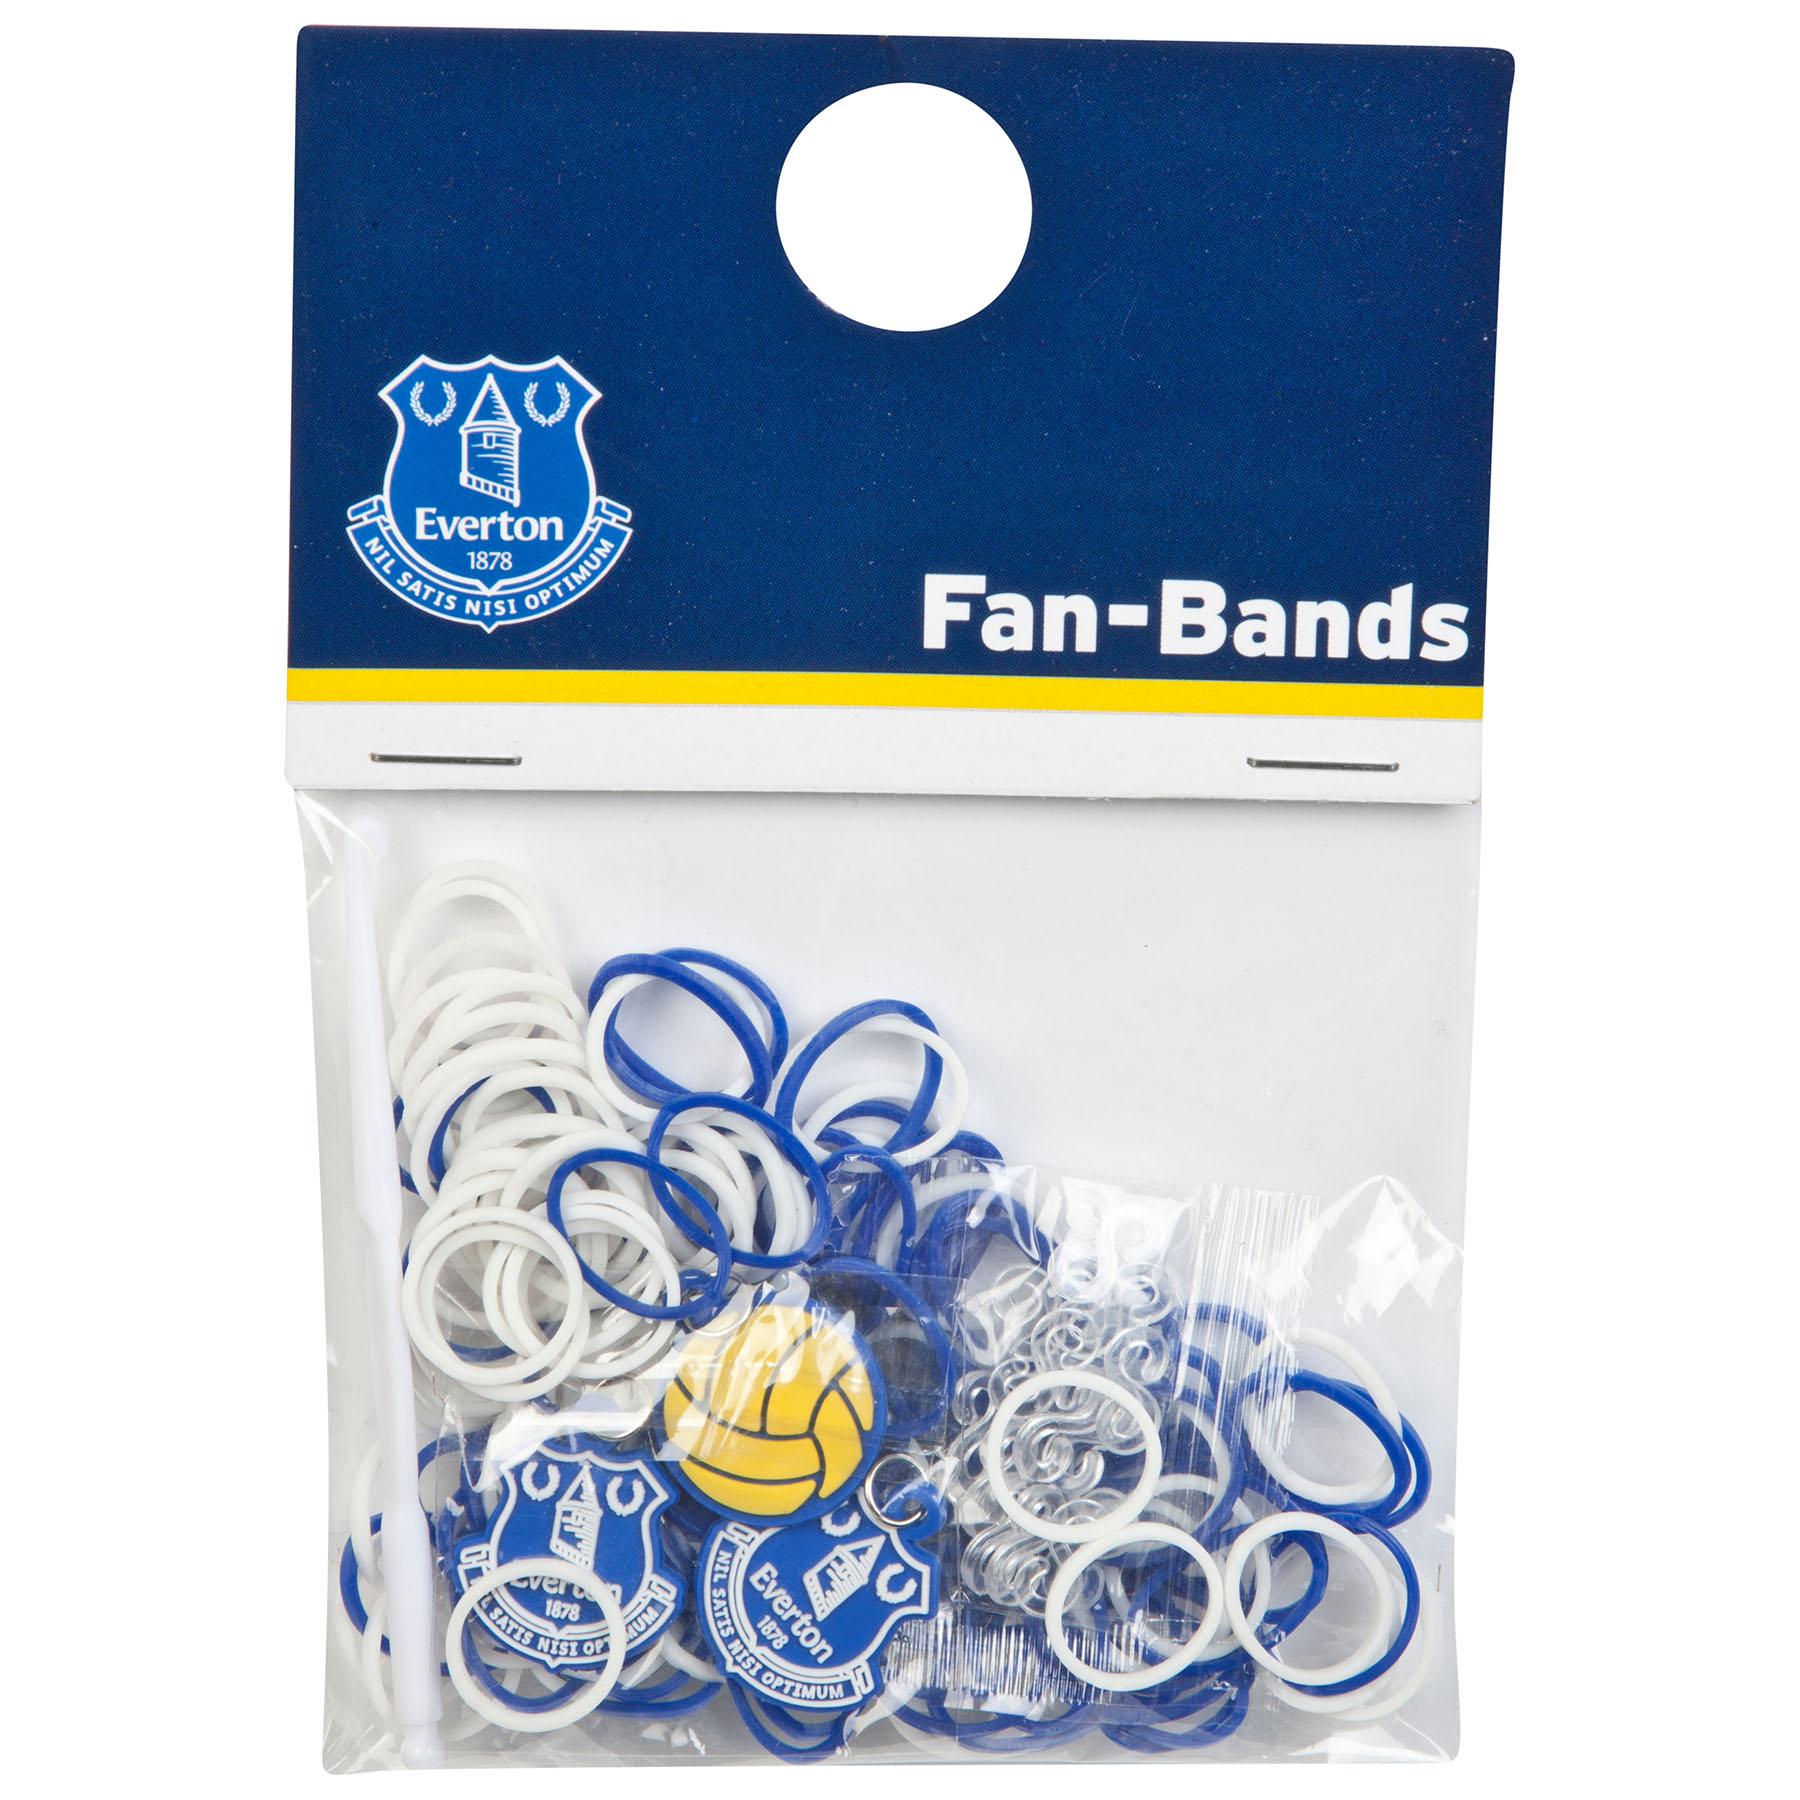 Everton Fan-Bands